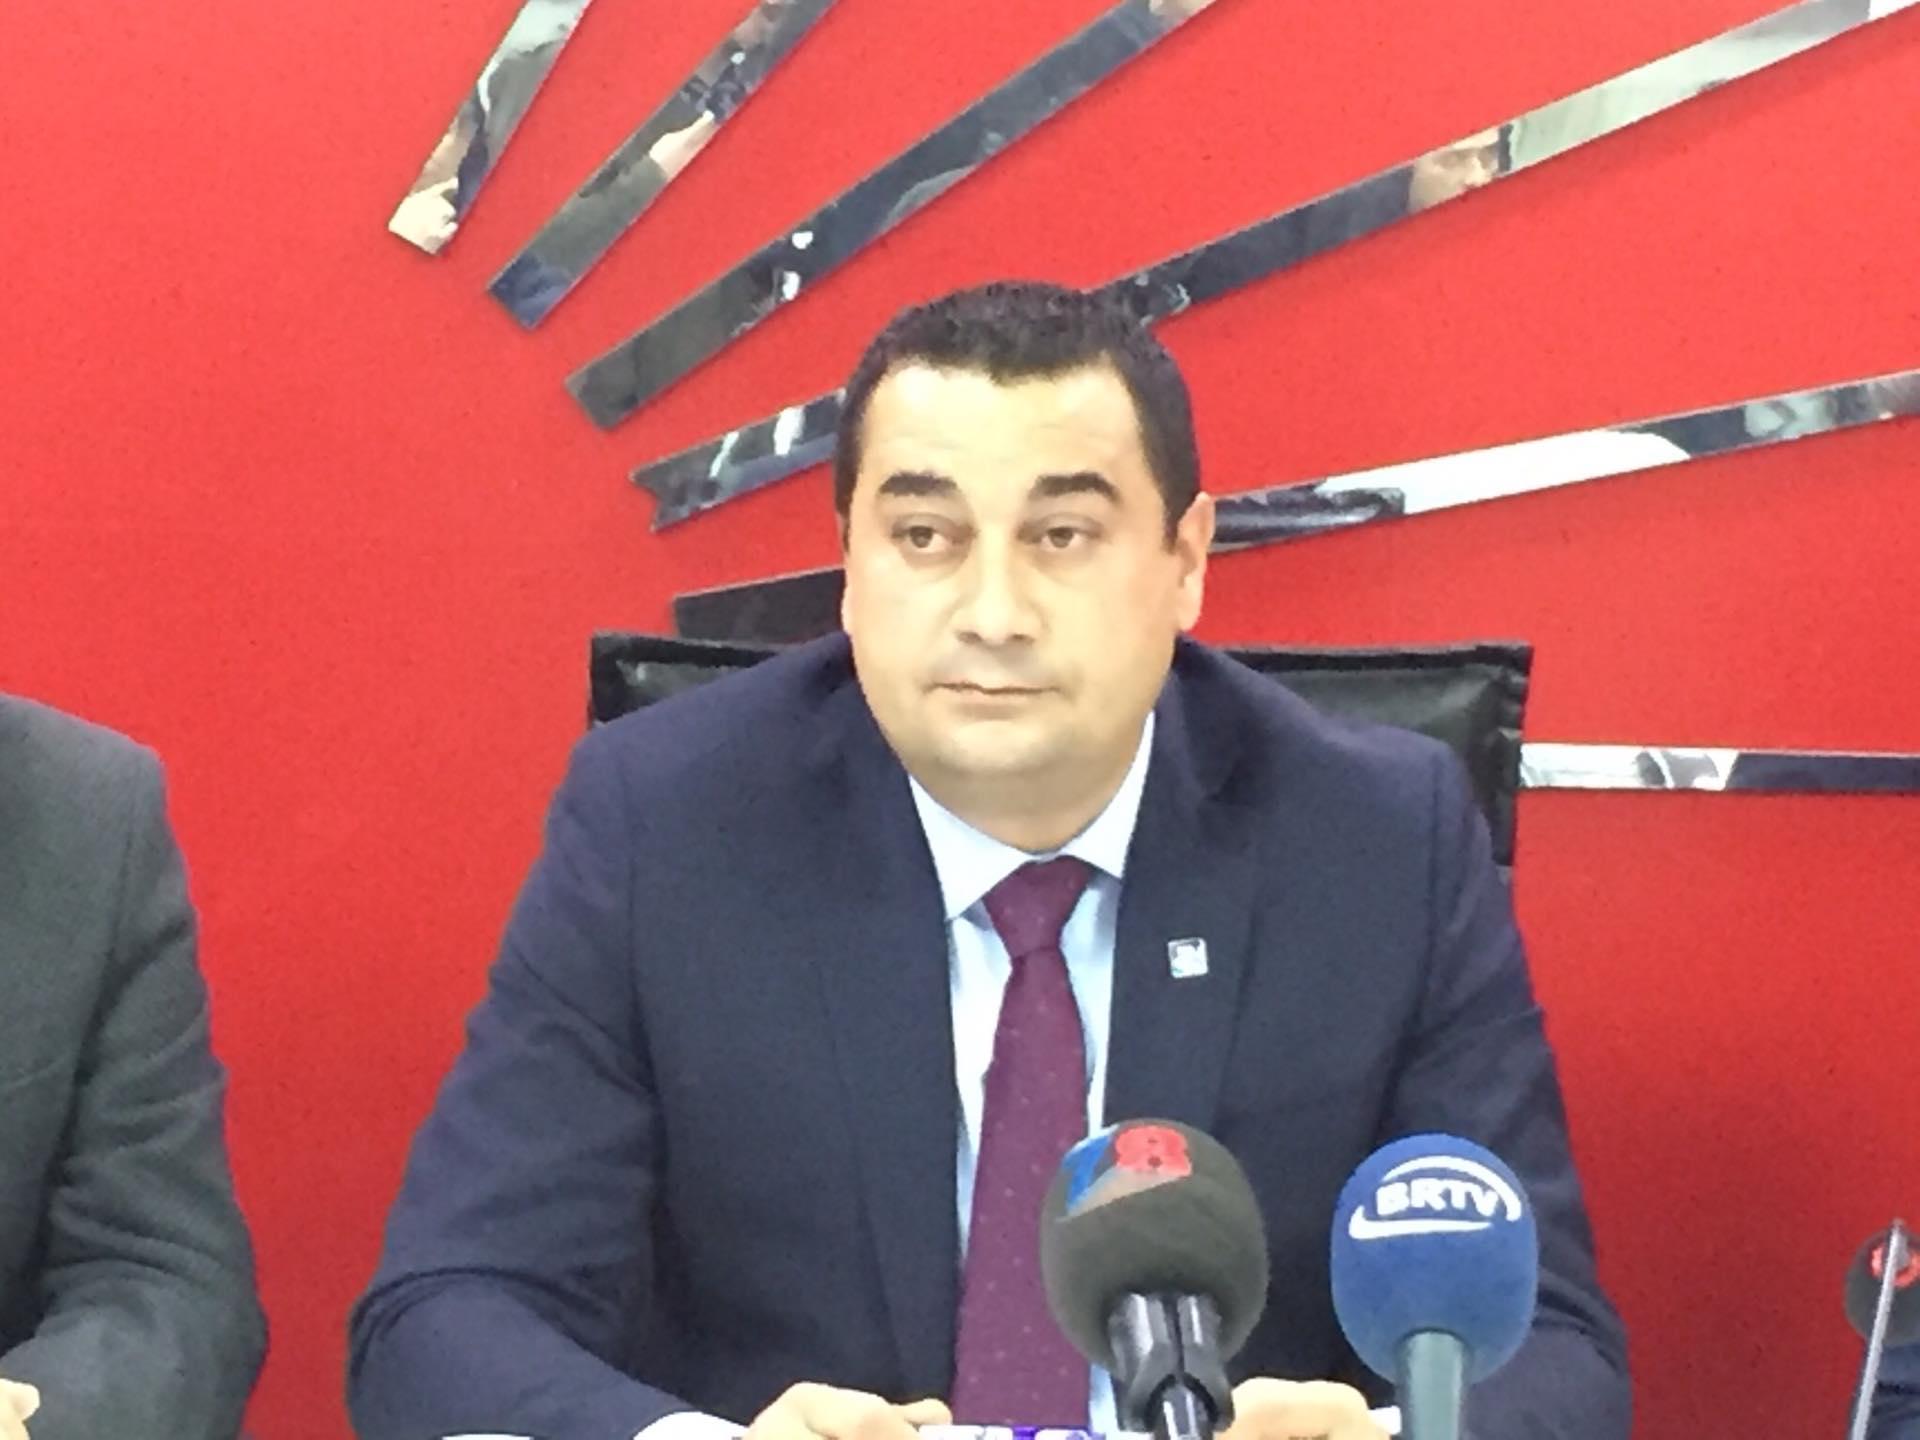 Demir Aşkı Ile Ailesi Arasında: Erdal Demir CHP İl Başkan Adayı Olduğunu Açıkladı